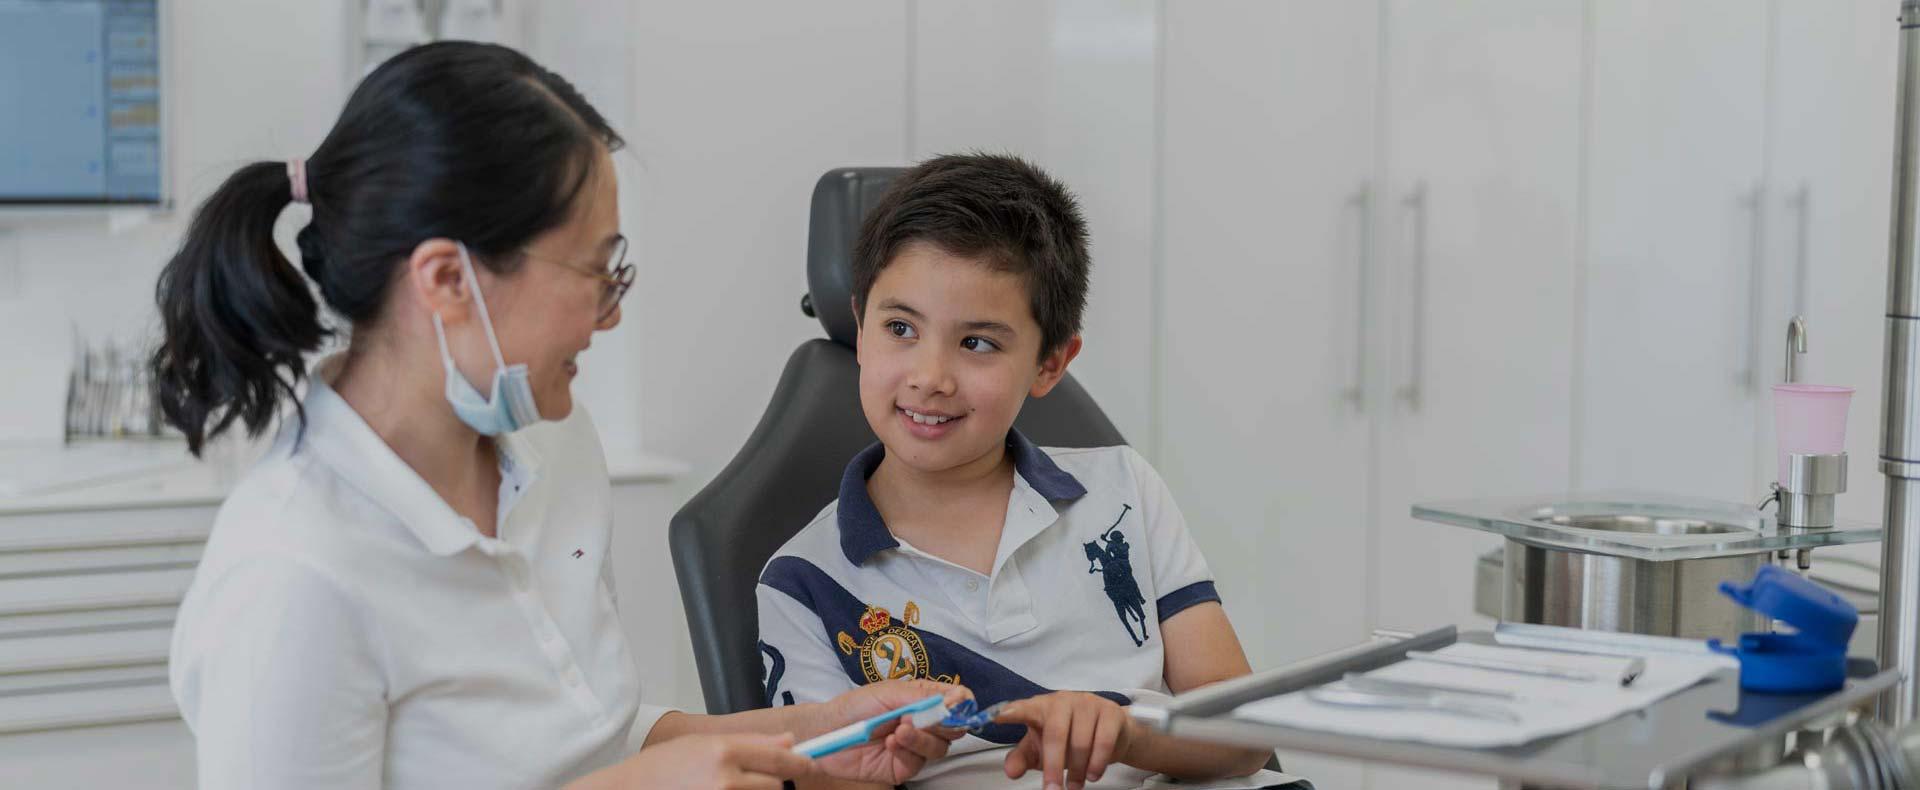 Fotografie Zahnspangen lose Kinder